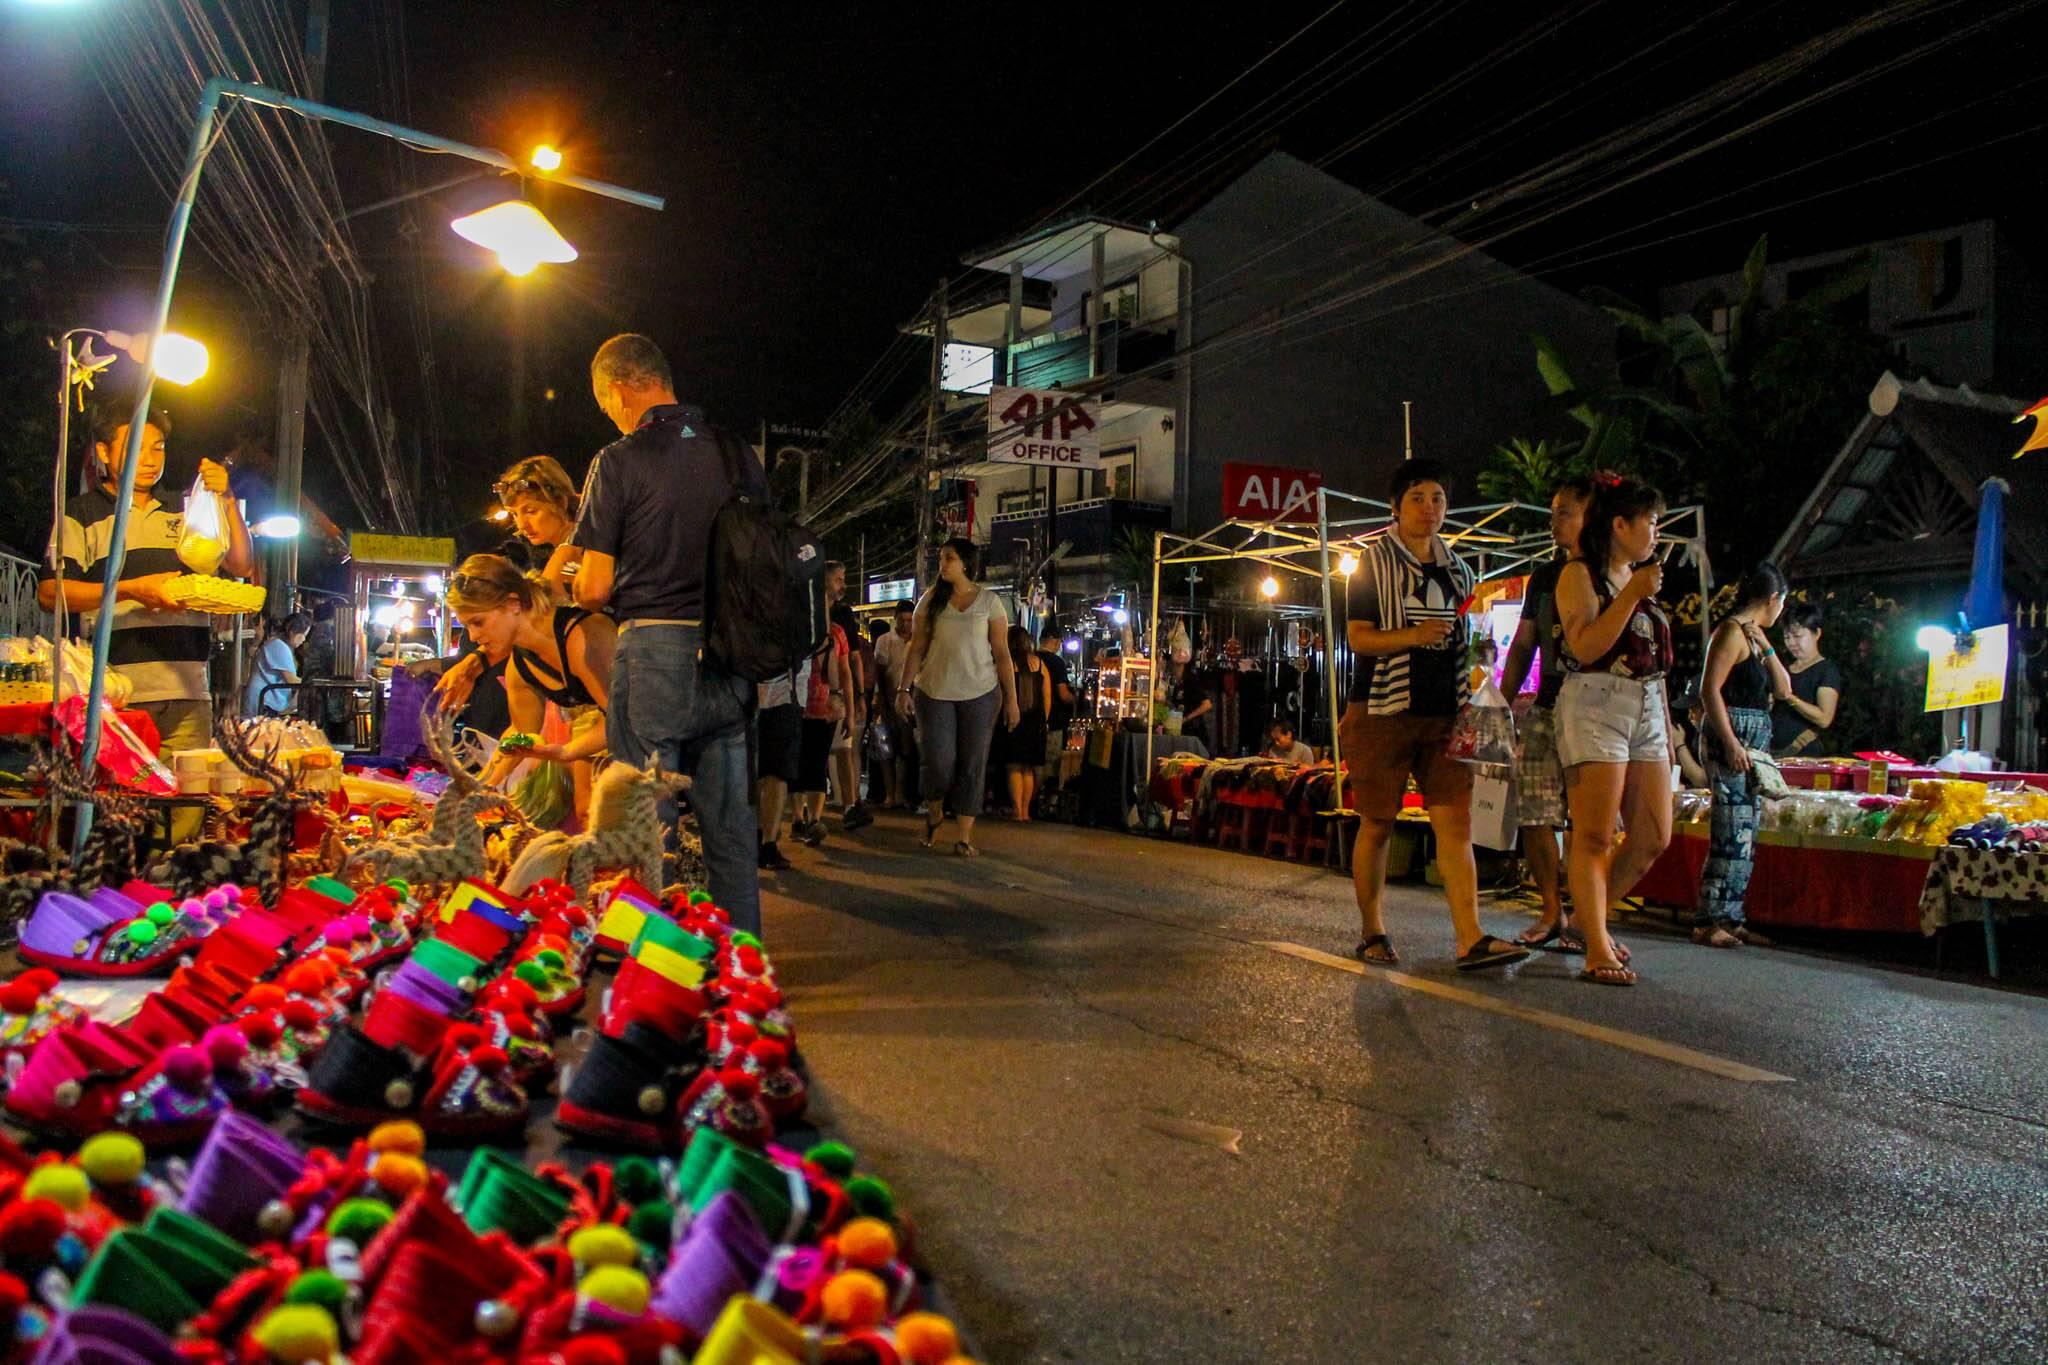 Mercado noturno de Chiang Mai | Foto: Bruno/@naproadavida - Onde ficar em Chiang Mai